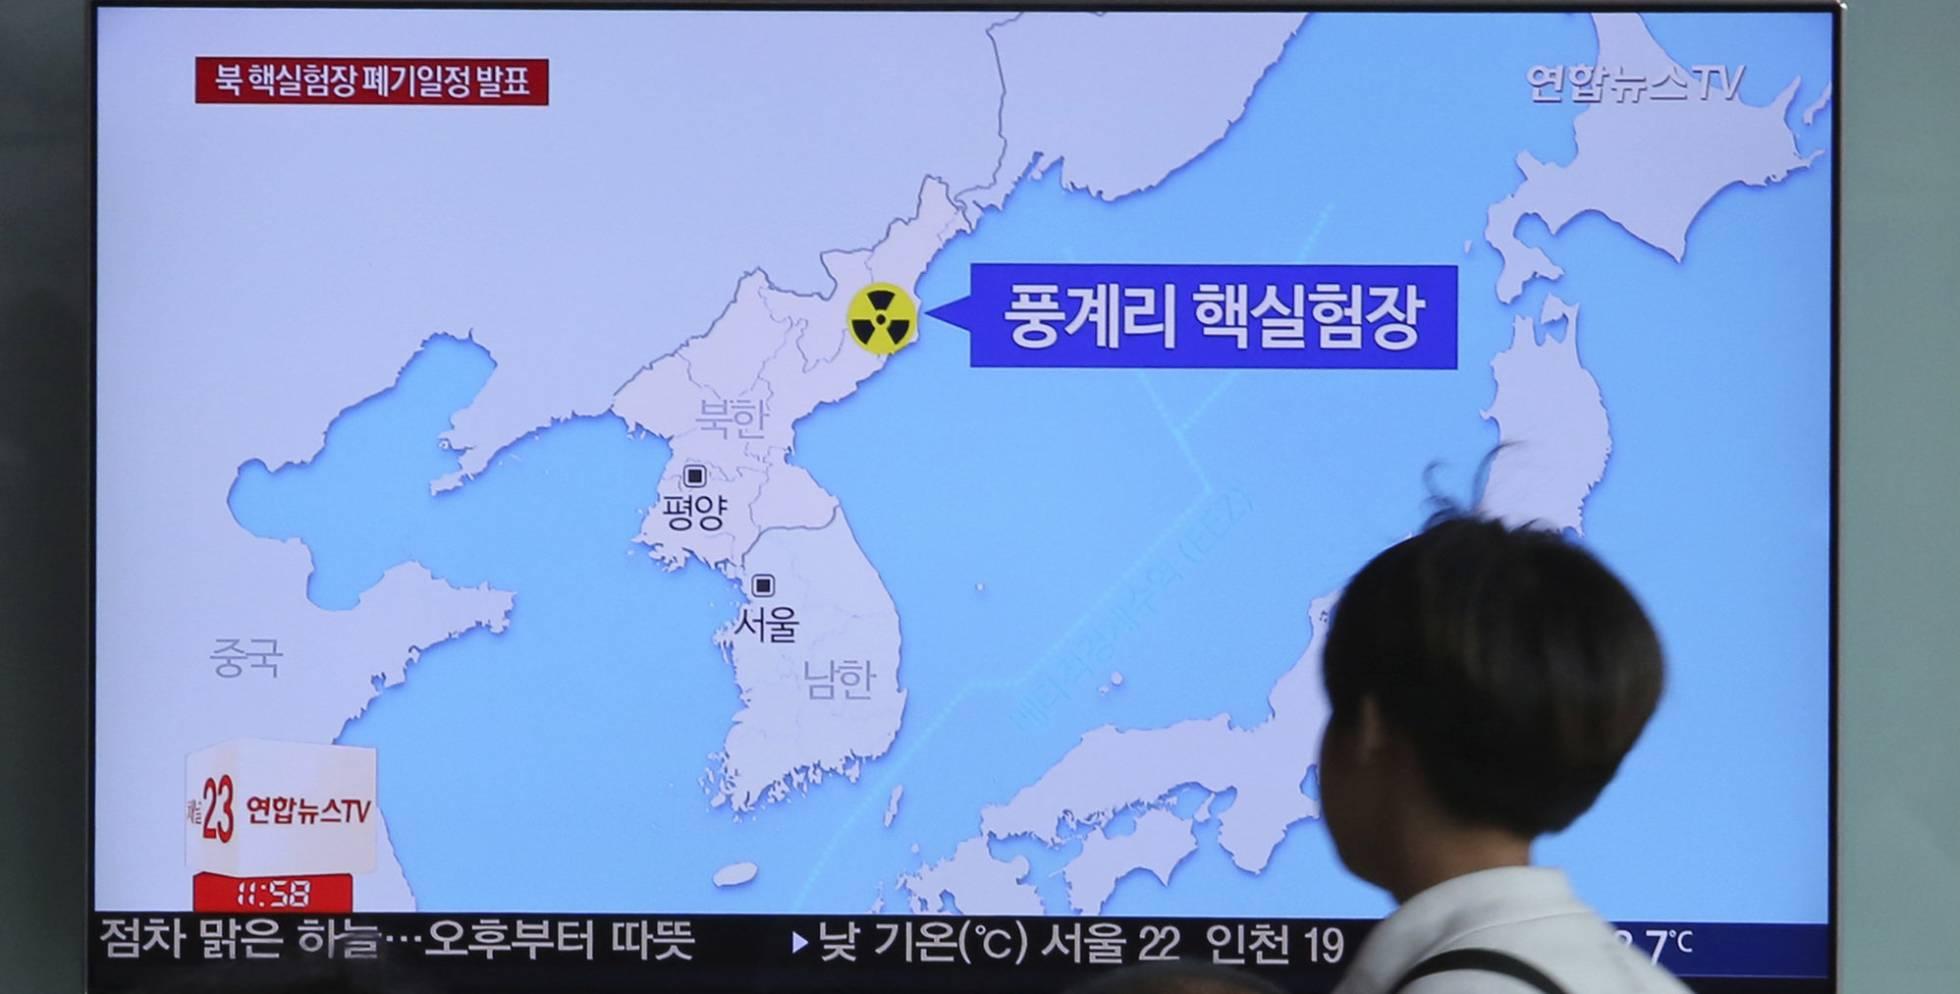 guerra - Corea Del Norte...¿La guerra se acerca? - Página 30 1526376610_959112_1526376969_noticia_normal_recorte1